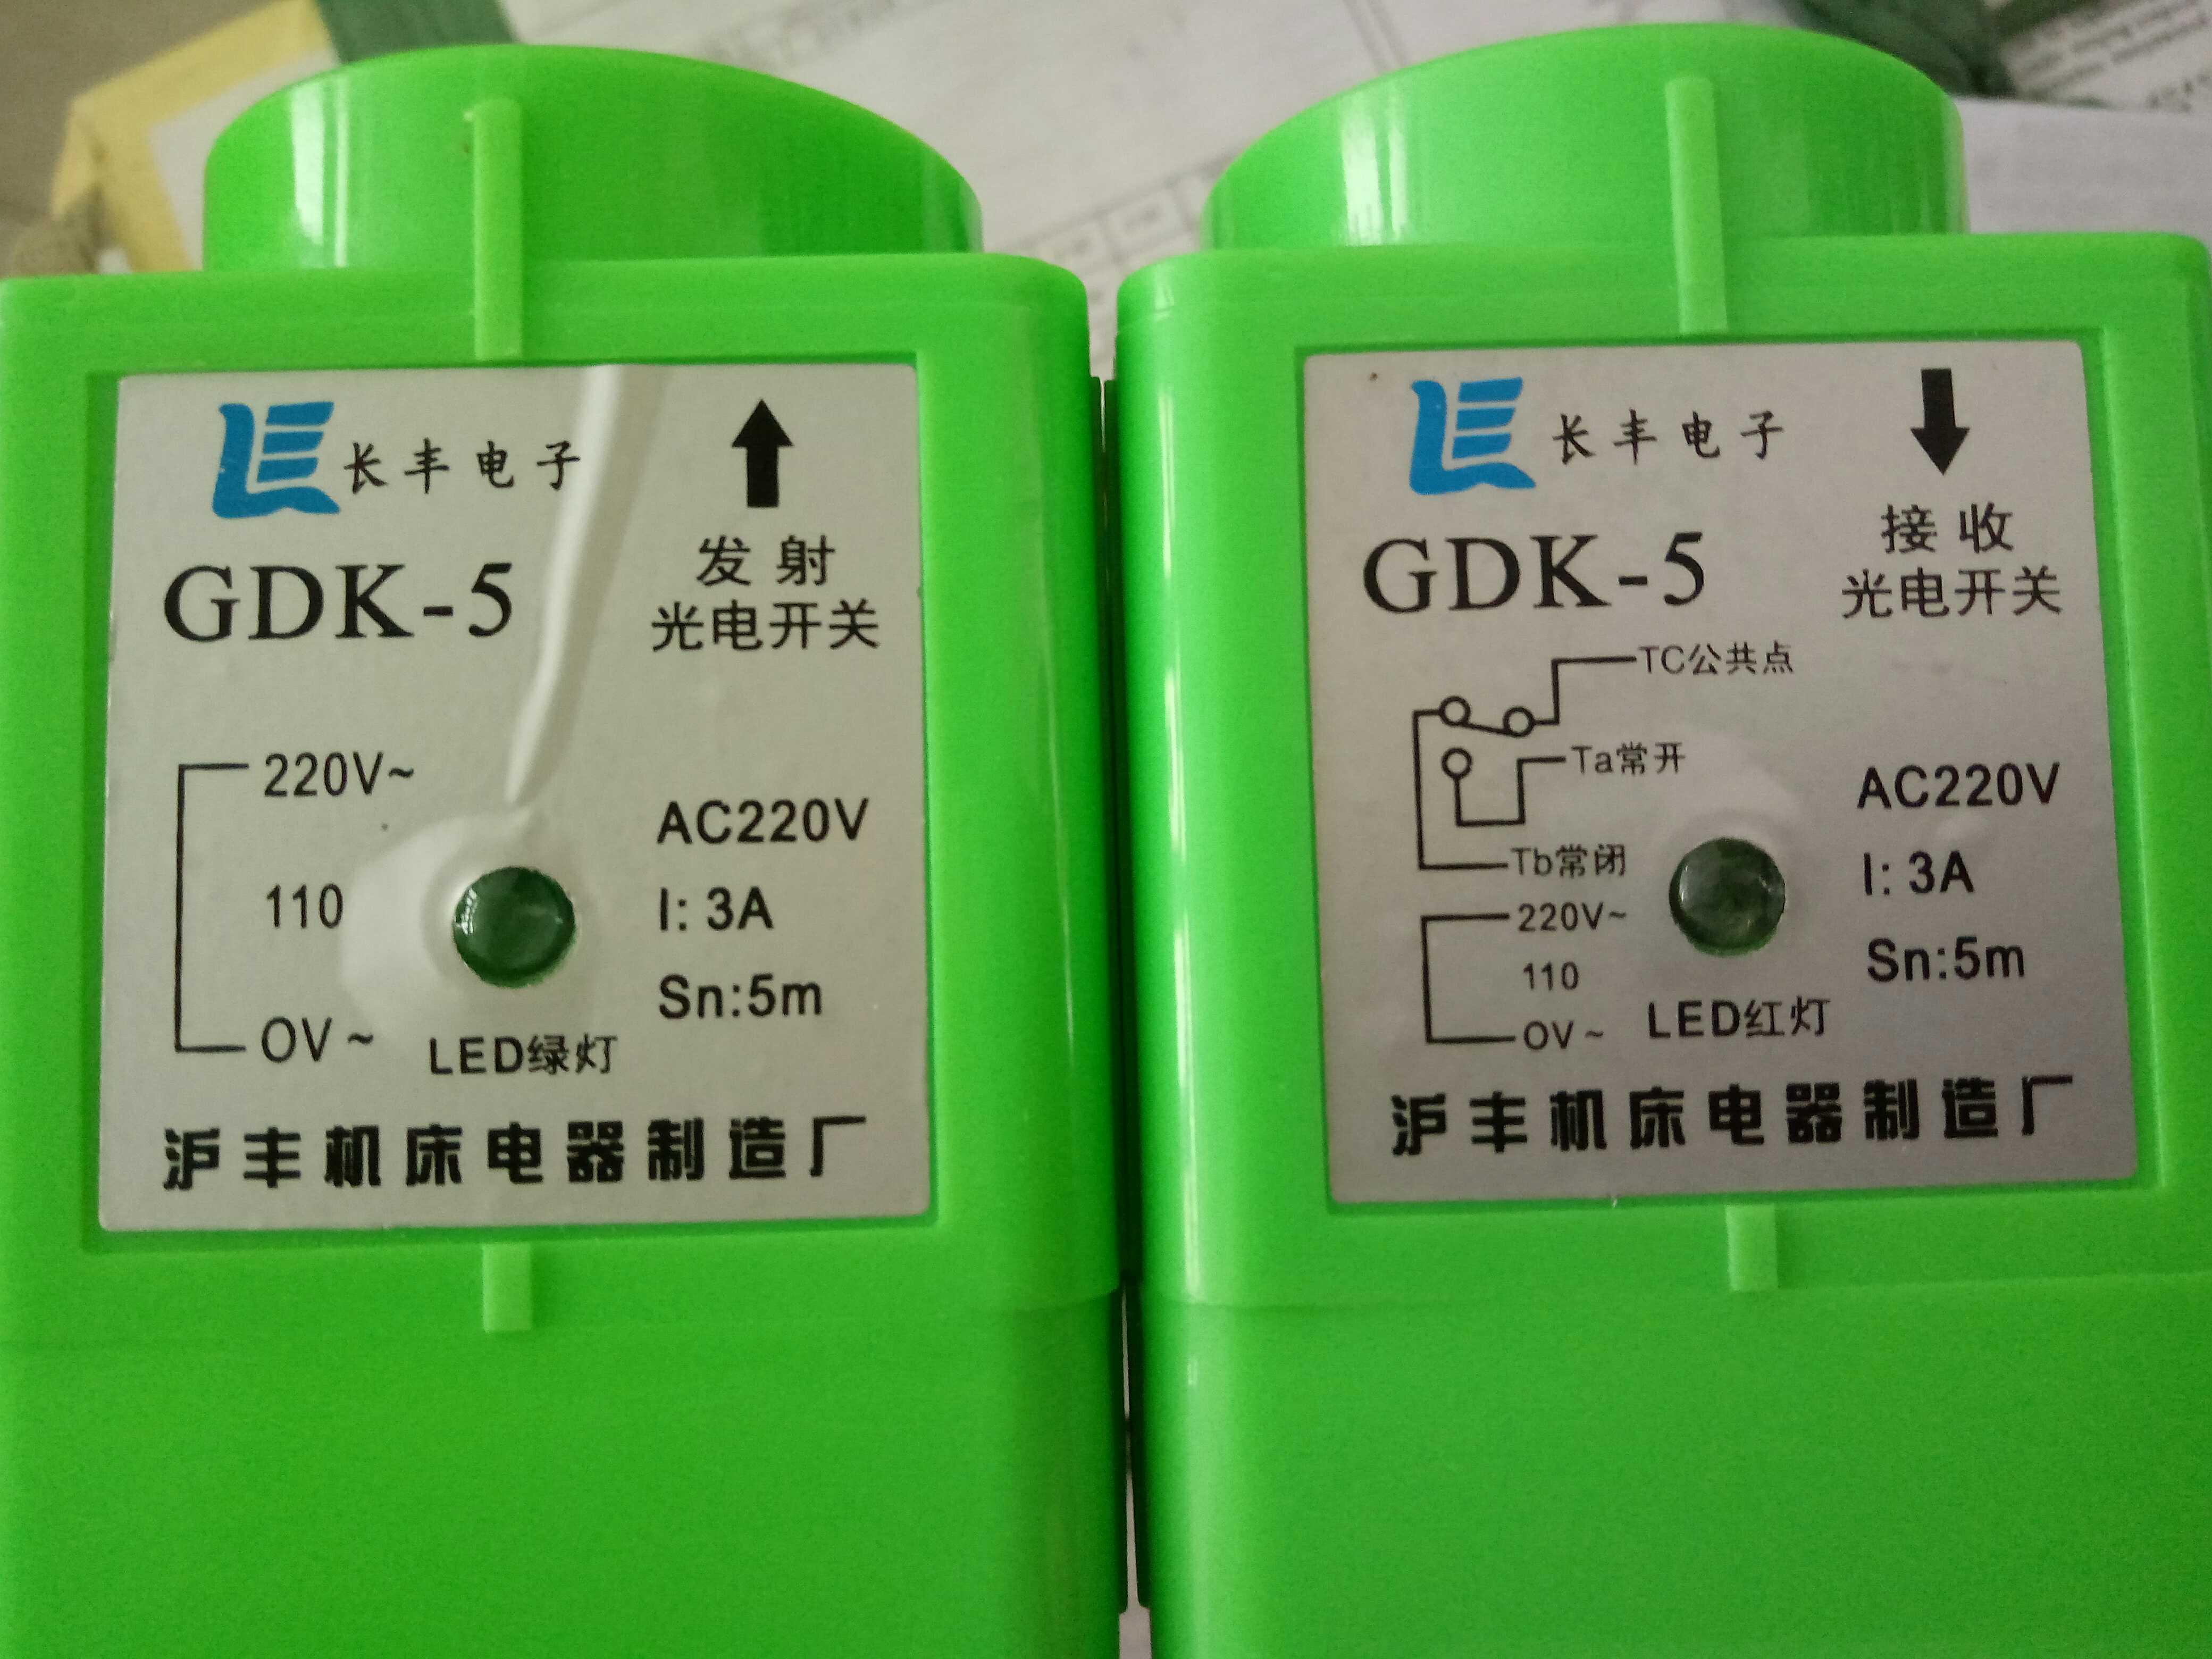 العلامة التجارية الجديدة الأصلي تشانغفنع GDK-5 الالكترونية على انبعاث الأشعة تحت الحمراء التبديل الاستشعار الكهروضوئية التبديل